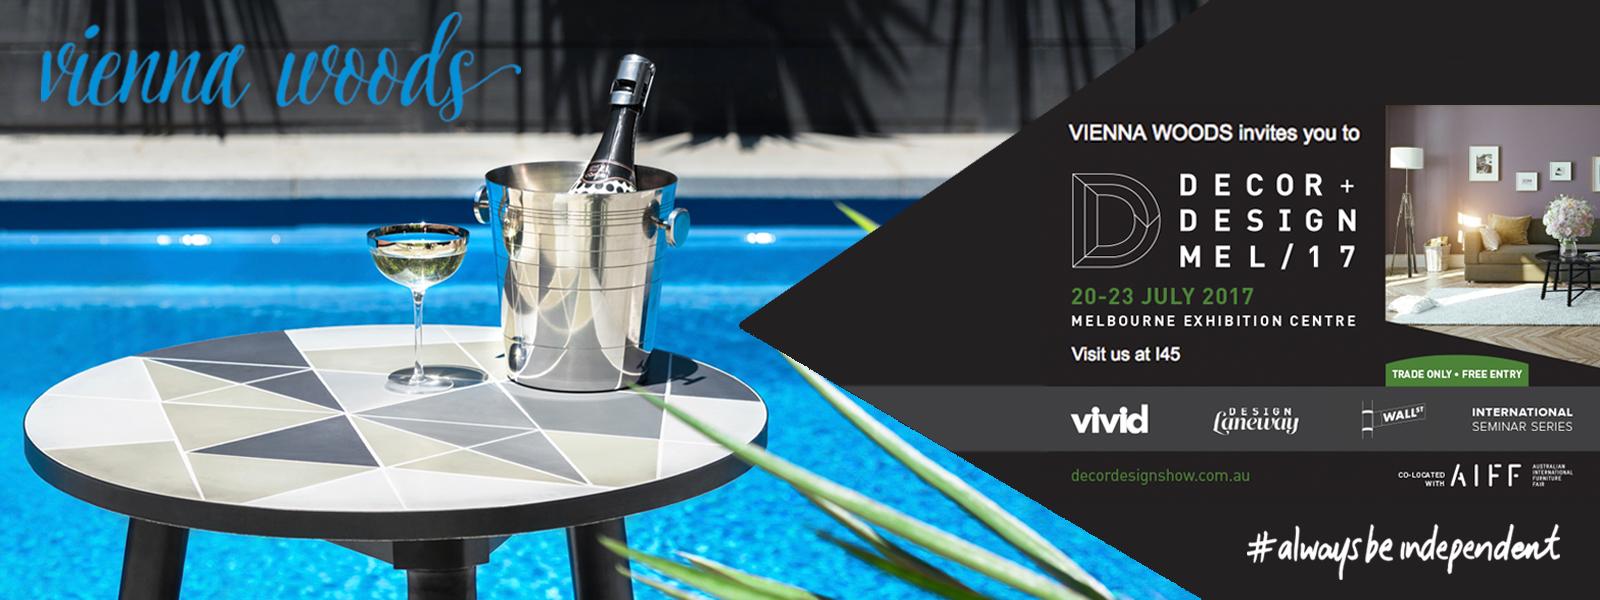 VW_Banner_Decor+Design_Mel17_01